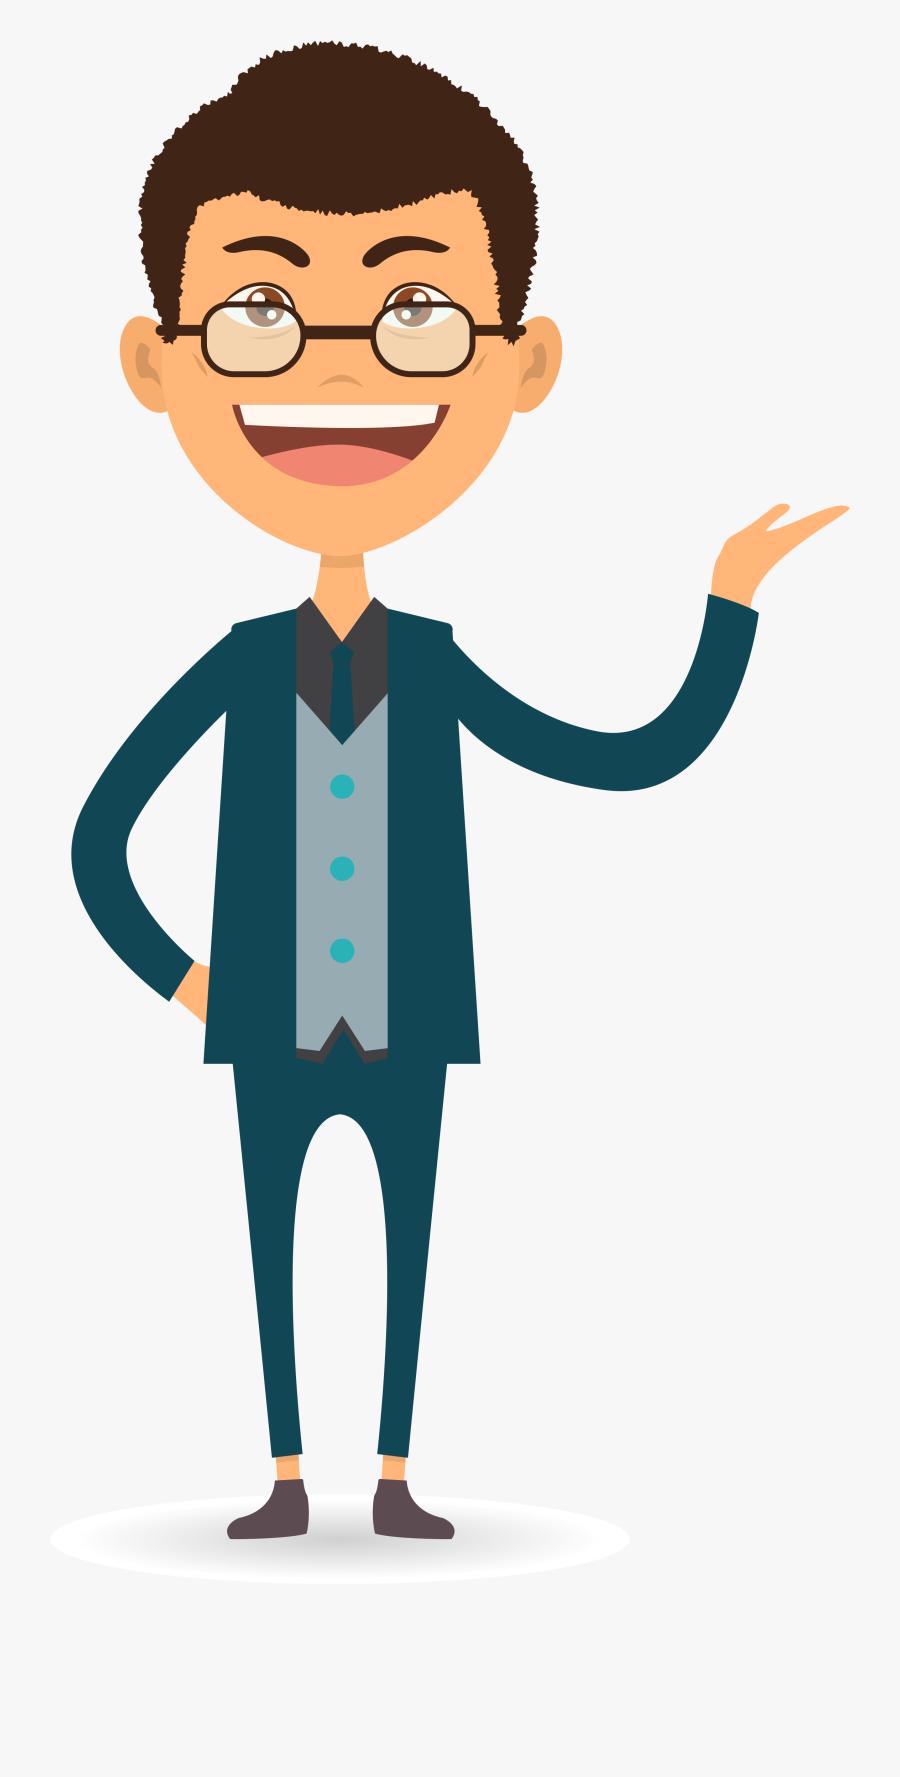 Homme Qui Montre Fonctionnement - Bonhomme Qui Montre, Transparent Clipart